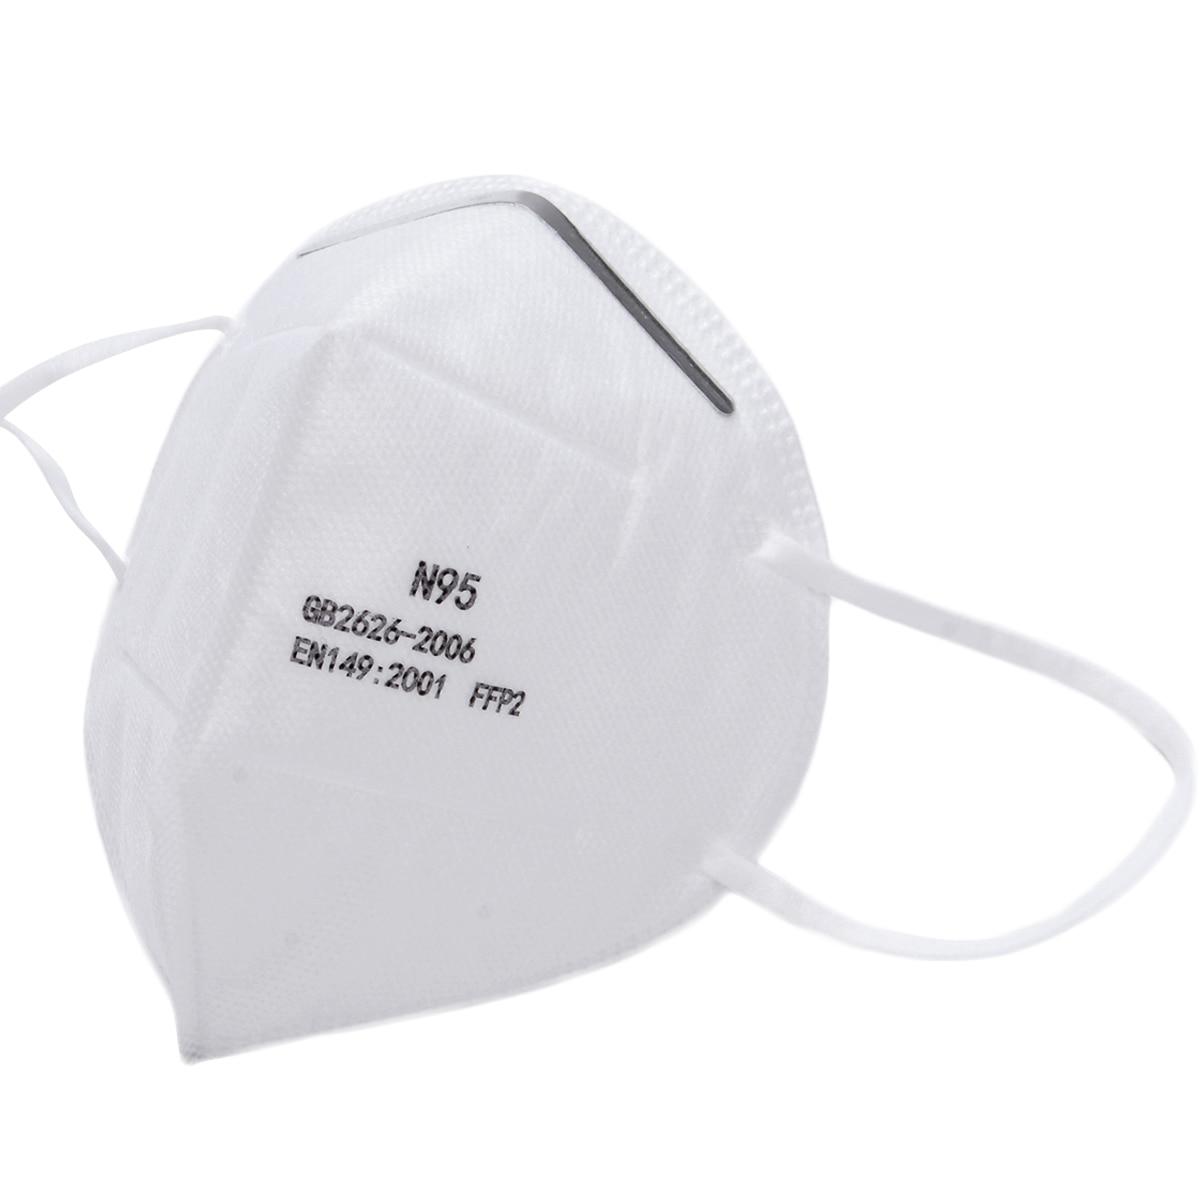 4PC Unisex Cotton Face N95 M-a-s-k CE FDA FFP2 Activated Carbon W Filter-Washable Reusable